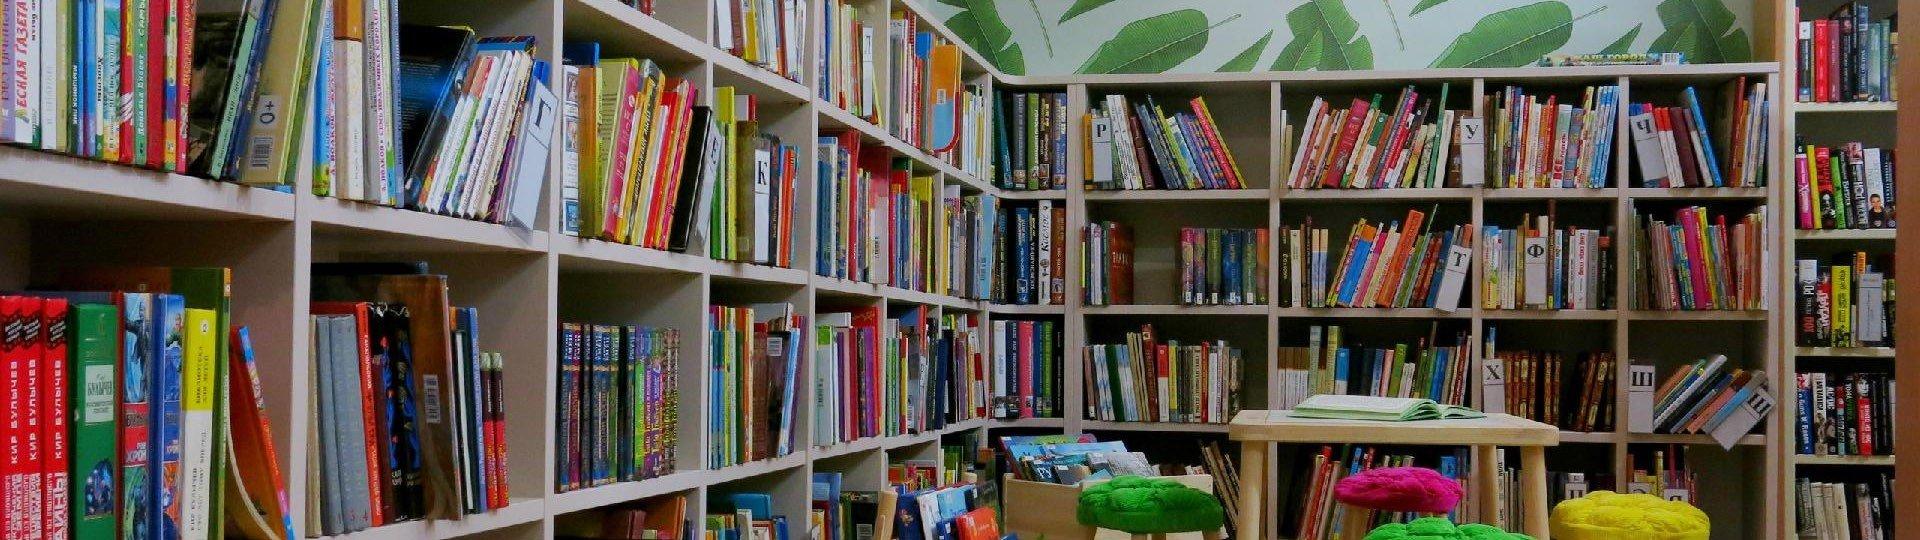 Городская библиотека в мкр.Индустриальном